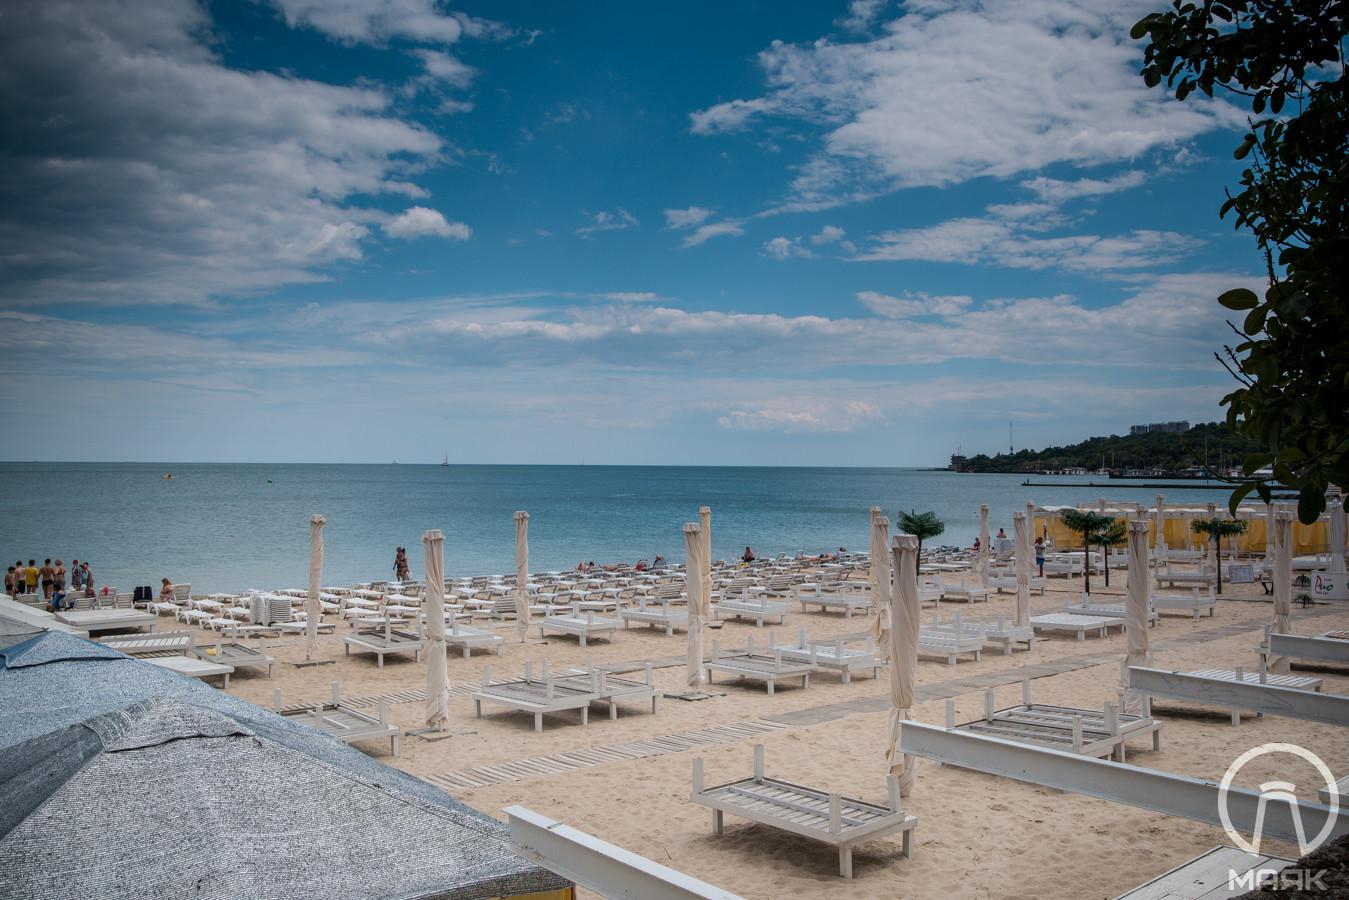 Сколько стоит лежак: платные пляжи Одессы в этом районе не такие 97